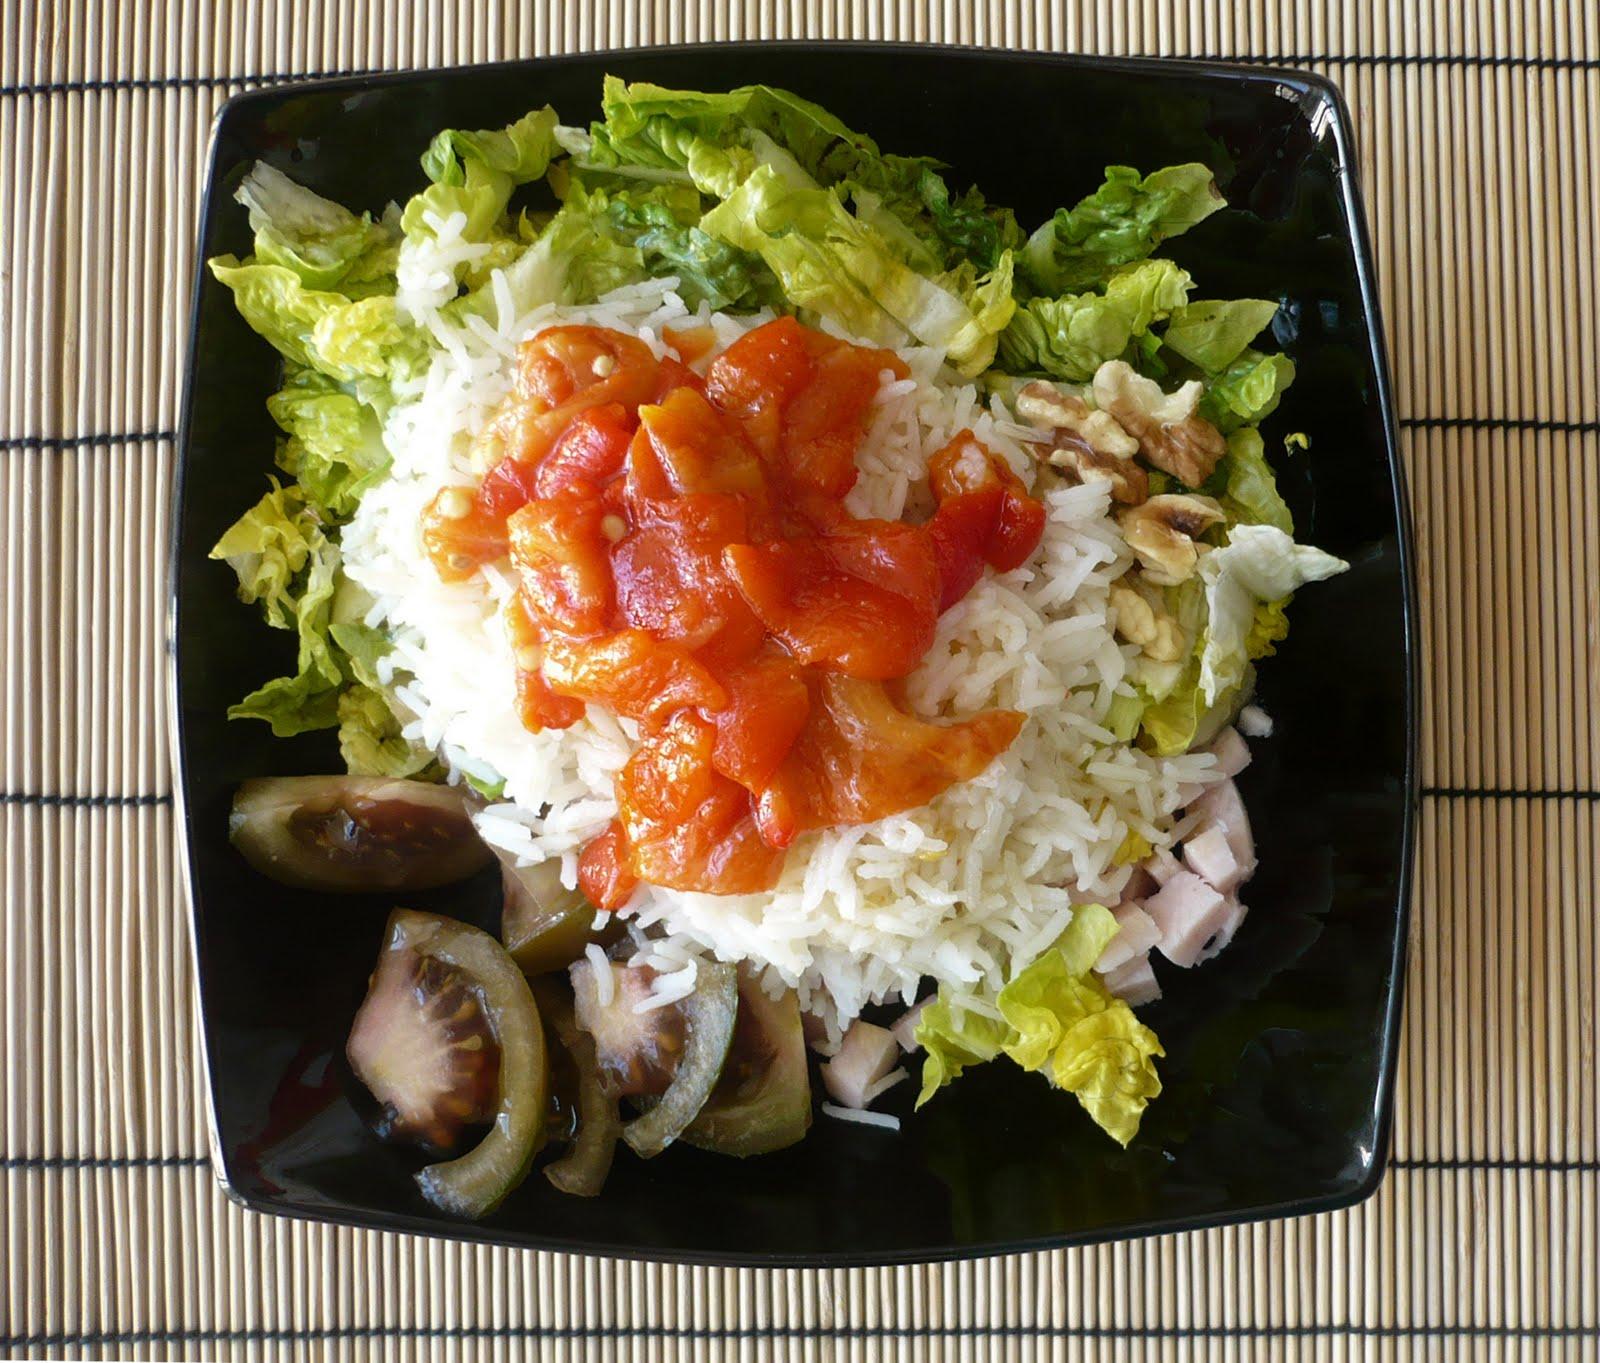 Cocinerando ensalada de arroz con pimientos asados - Ensalada de arroz light ...